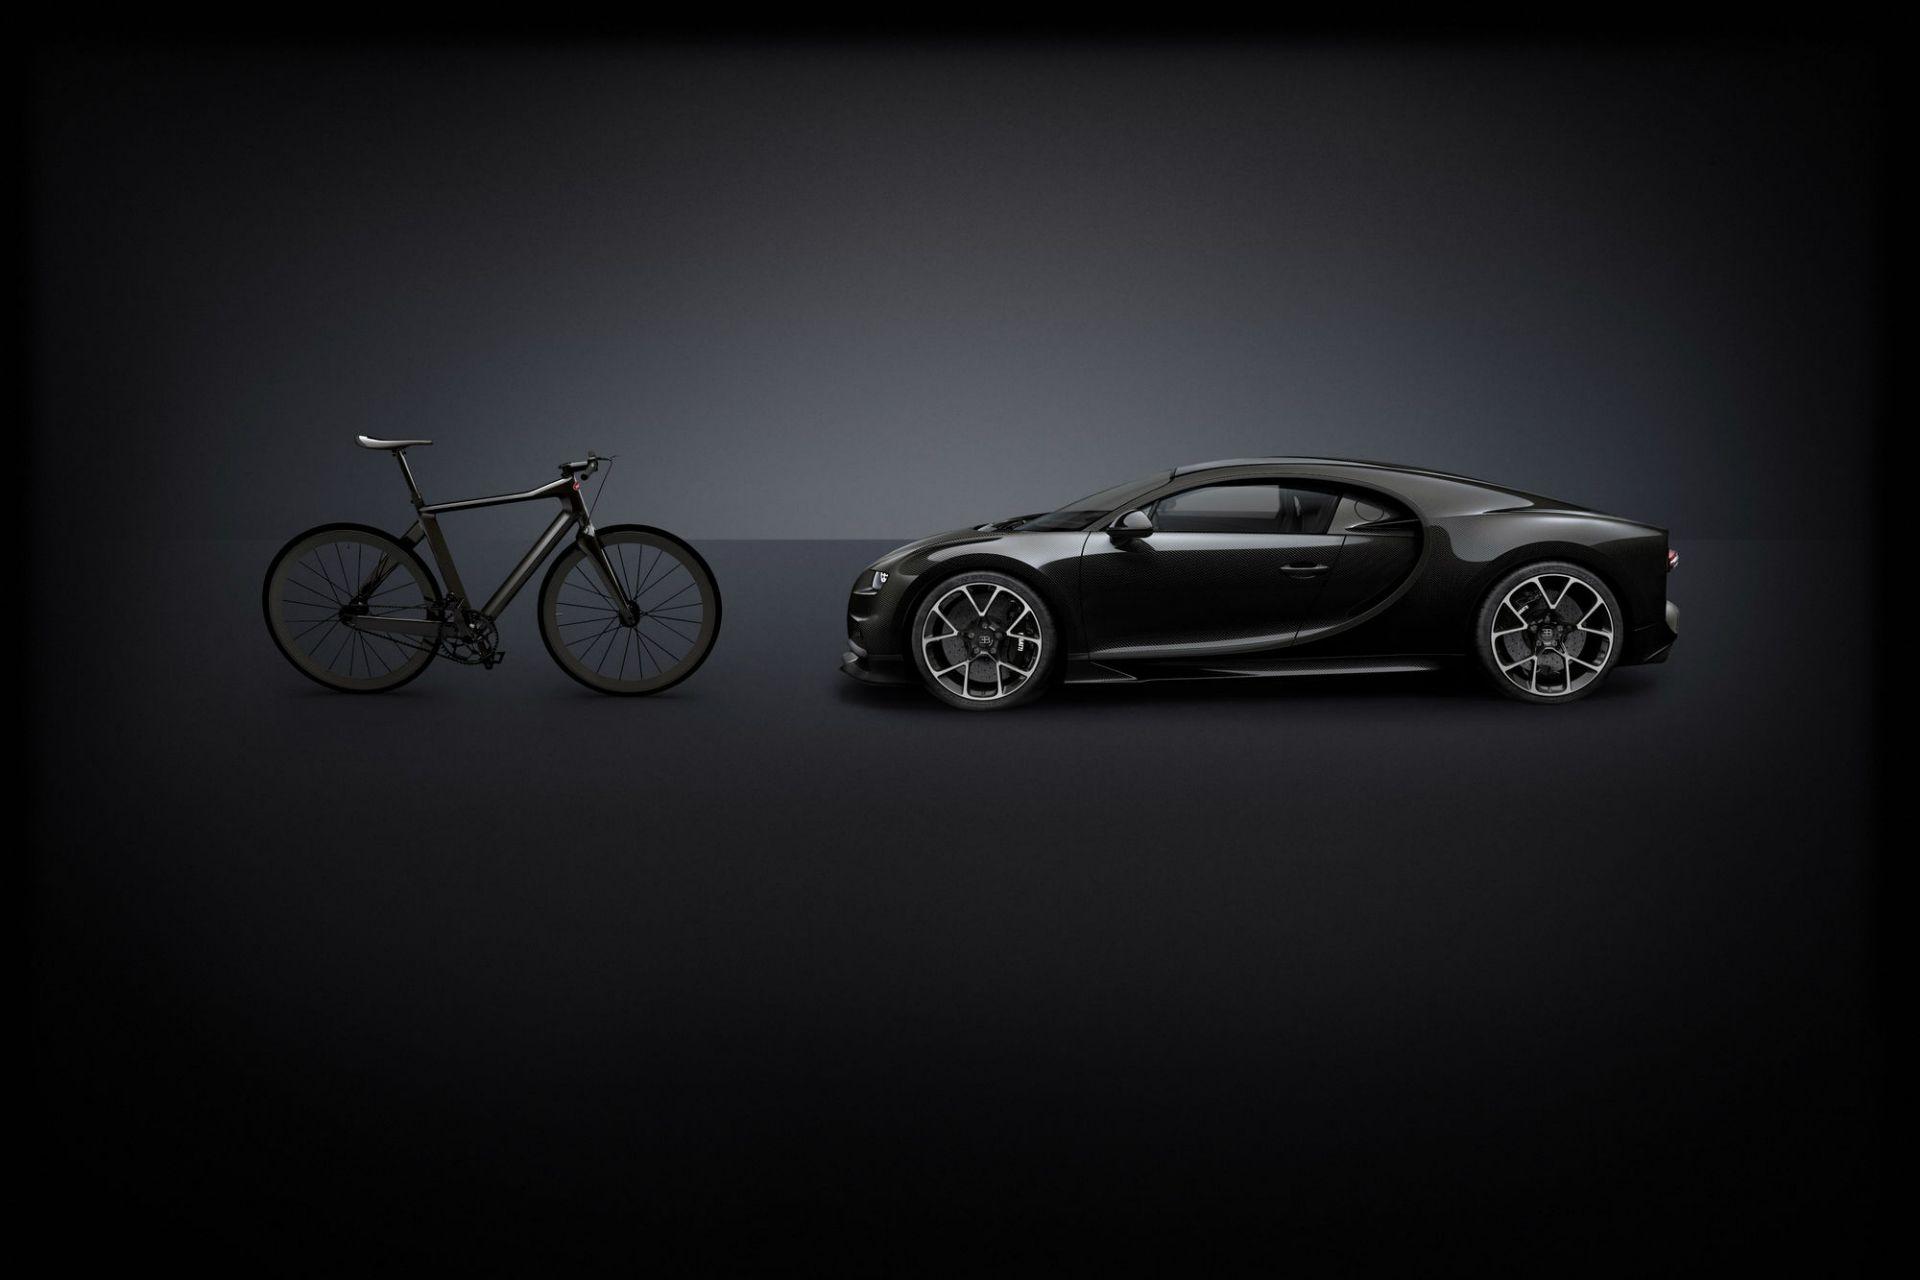 La bicicleta mas cara y liviana del mundo es Bugatti